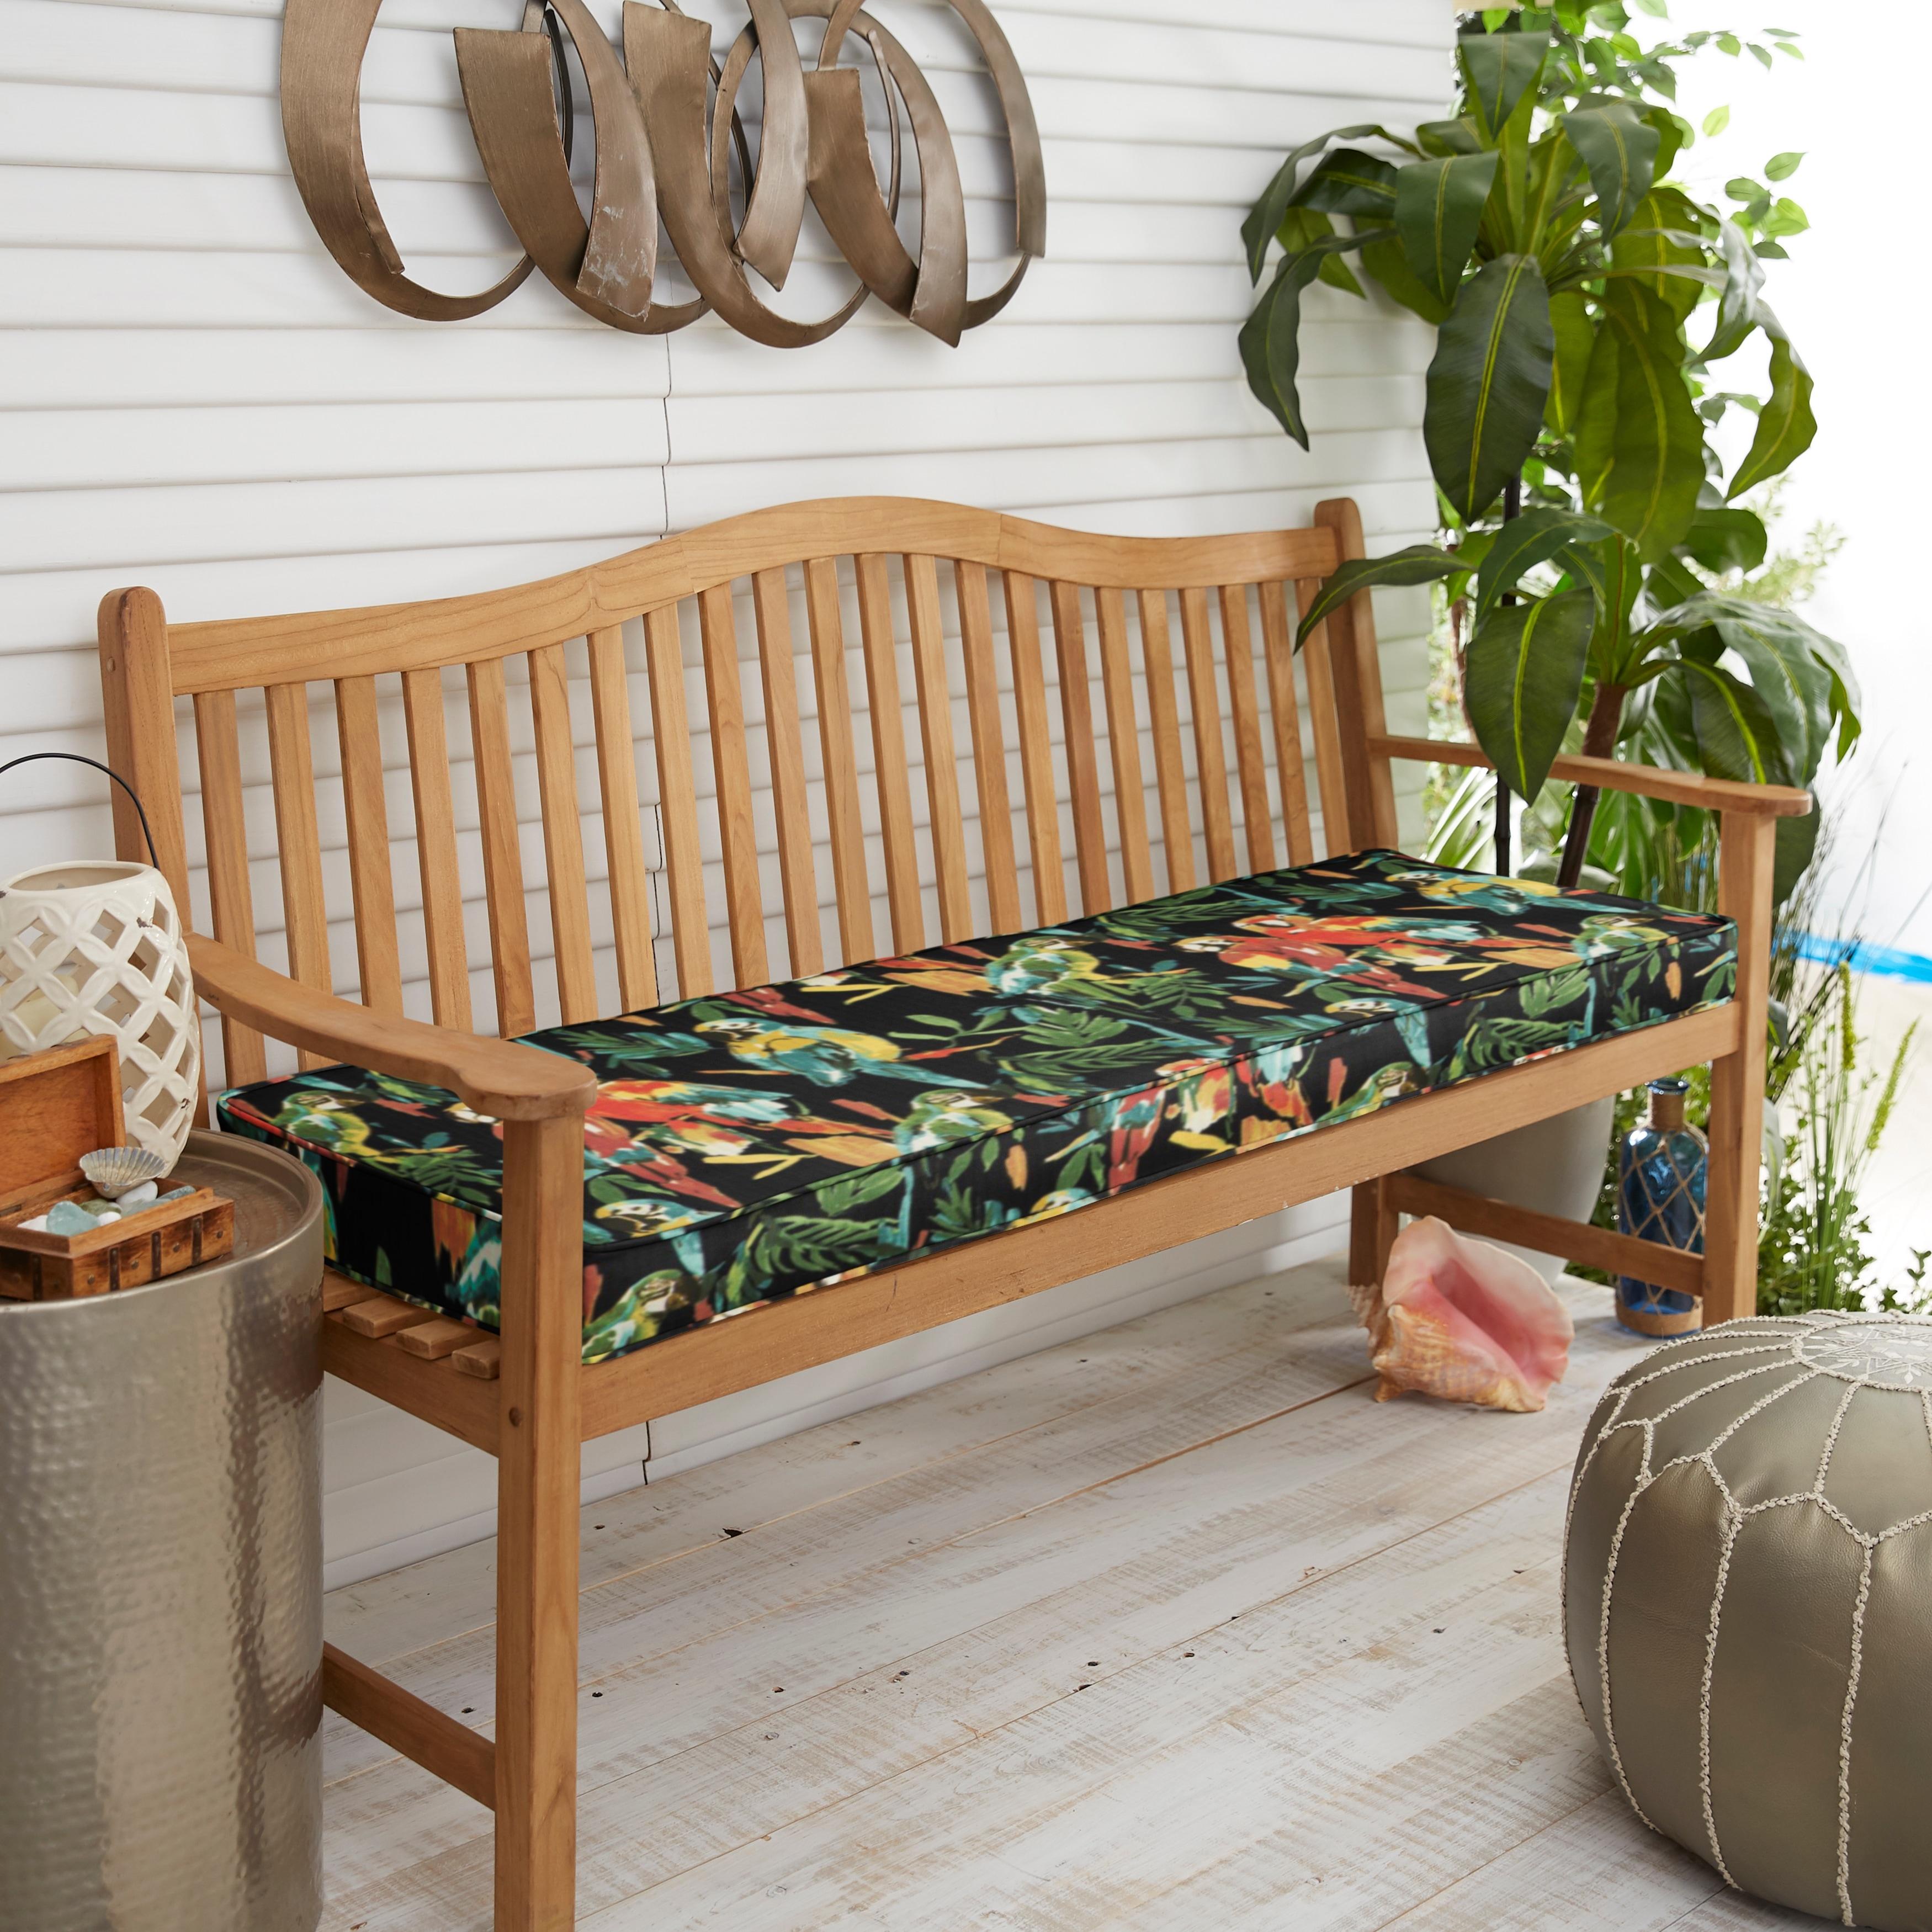 Indoor Outdoor Develin Hightown Amazon Corded Bench Cushion Overstock 31270865